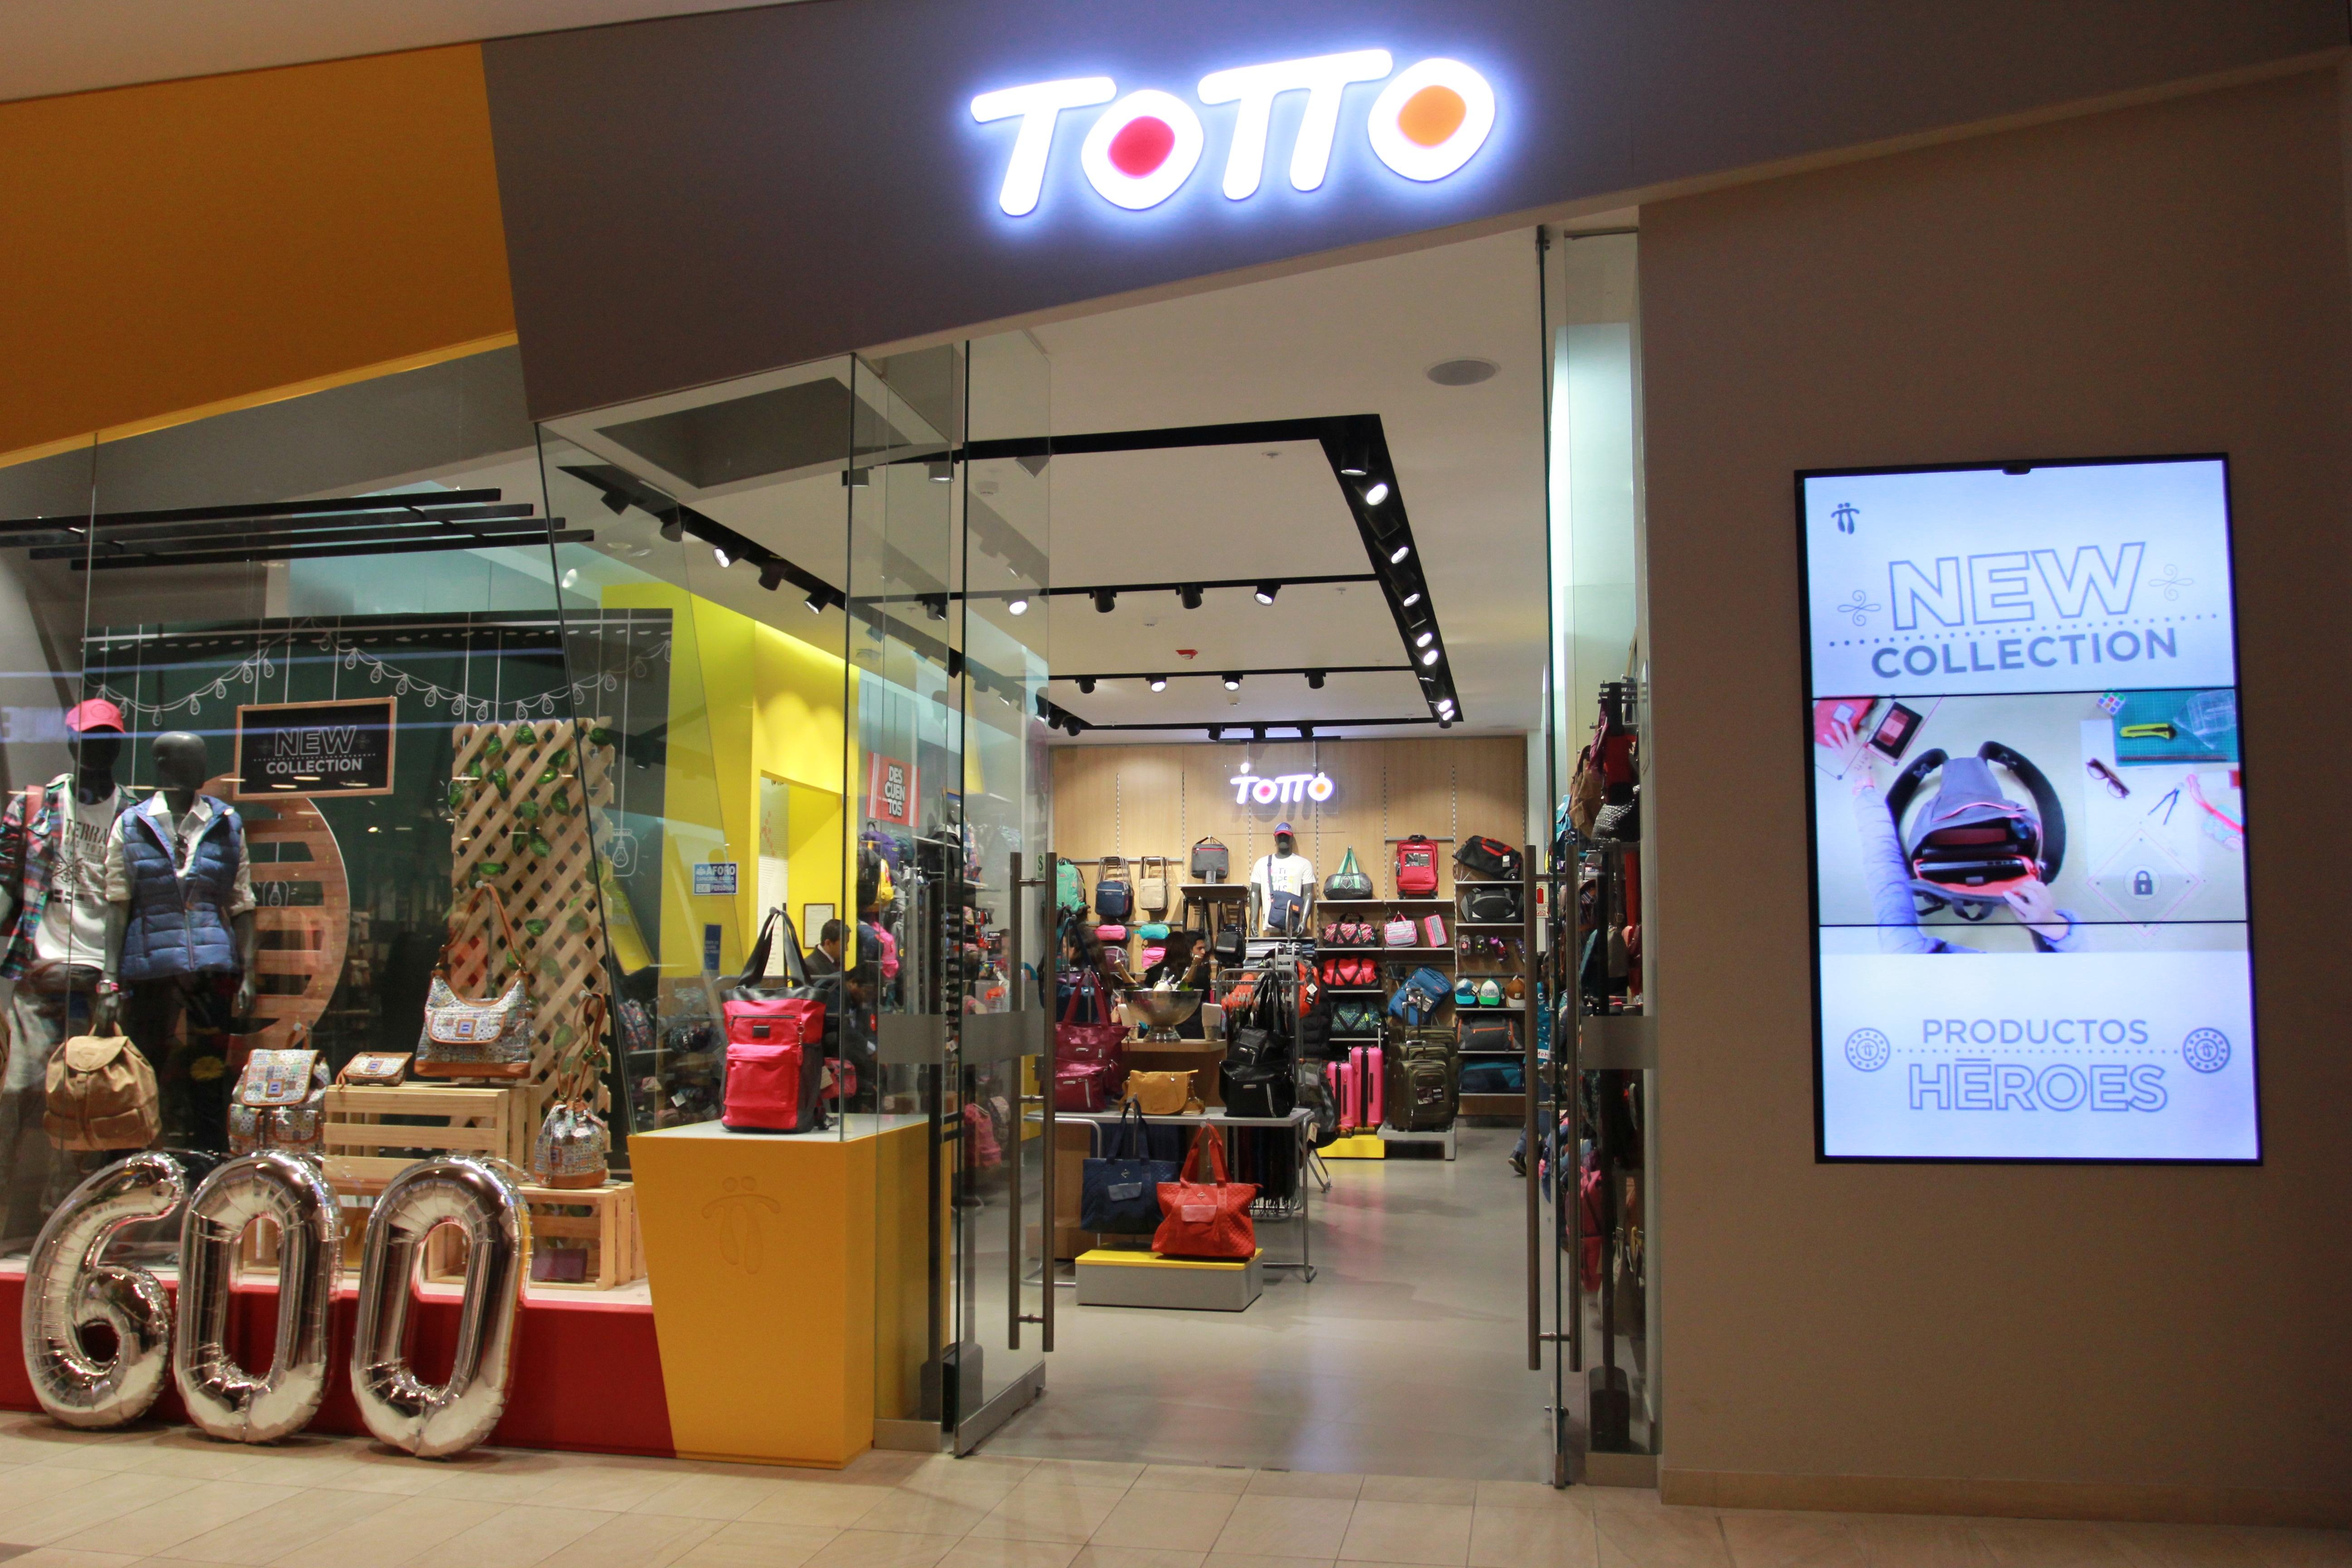 FOTTO TOTTO PRENSA - Totto inauguró en Lima su tienda número 600 a nivel mundial